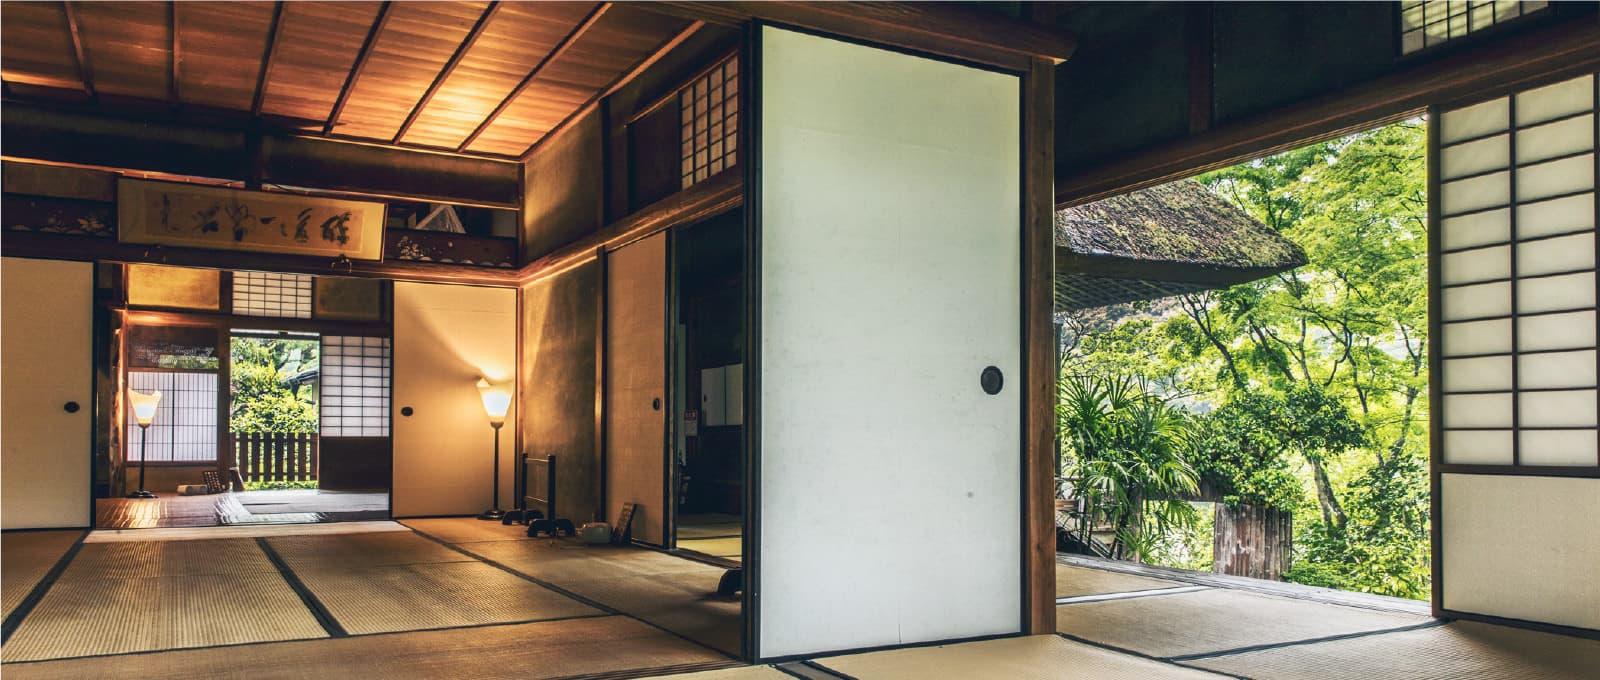 粋を極めた名建築、臥龍山荘。